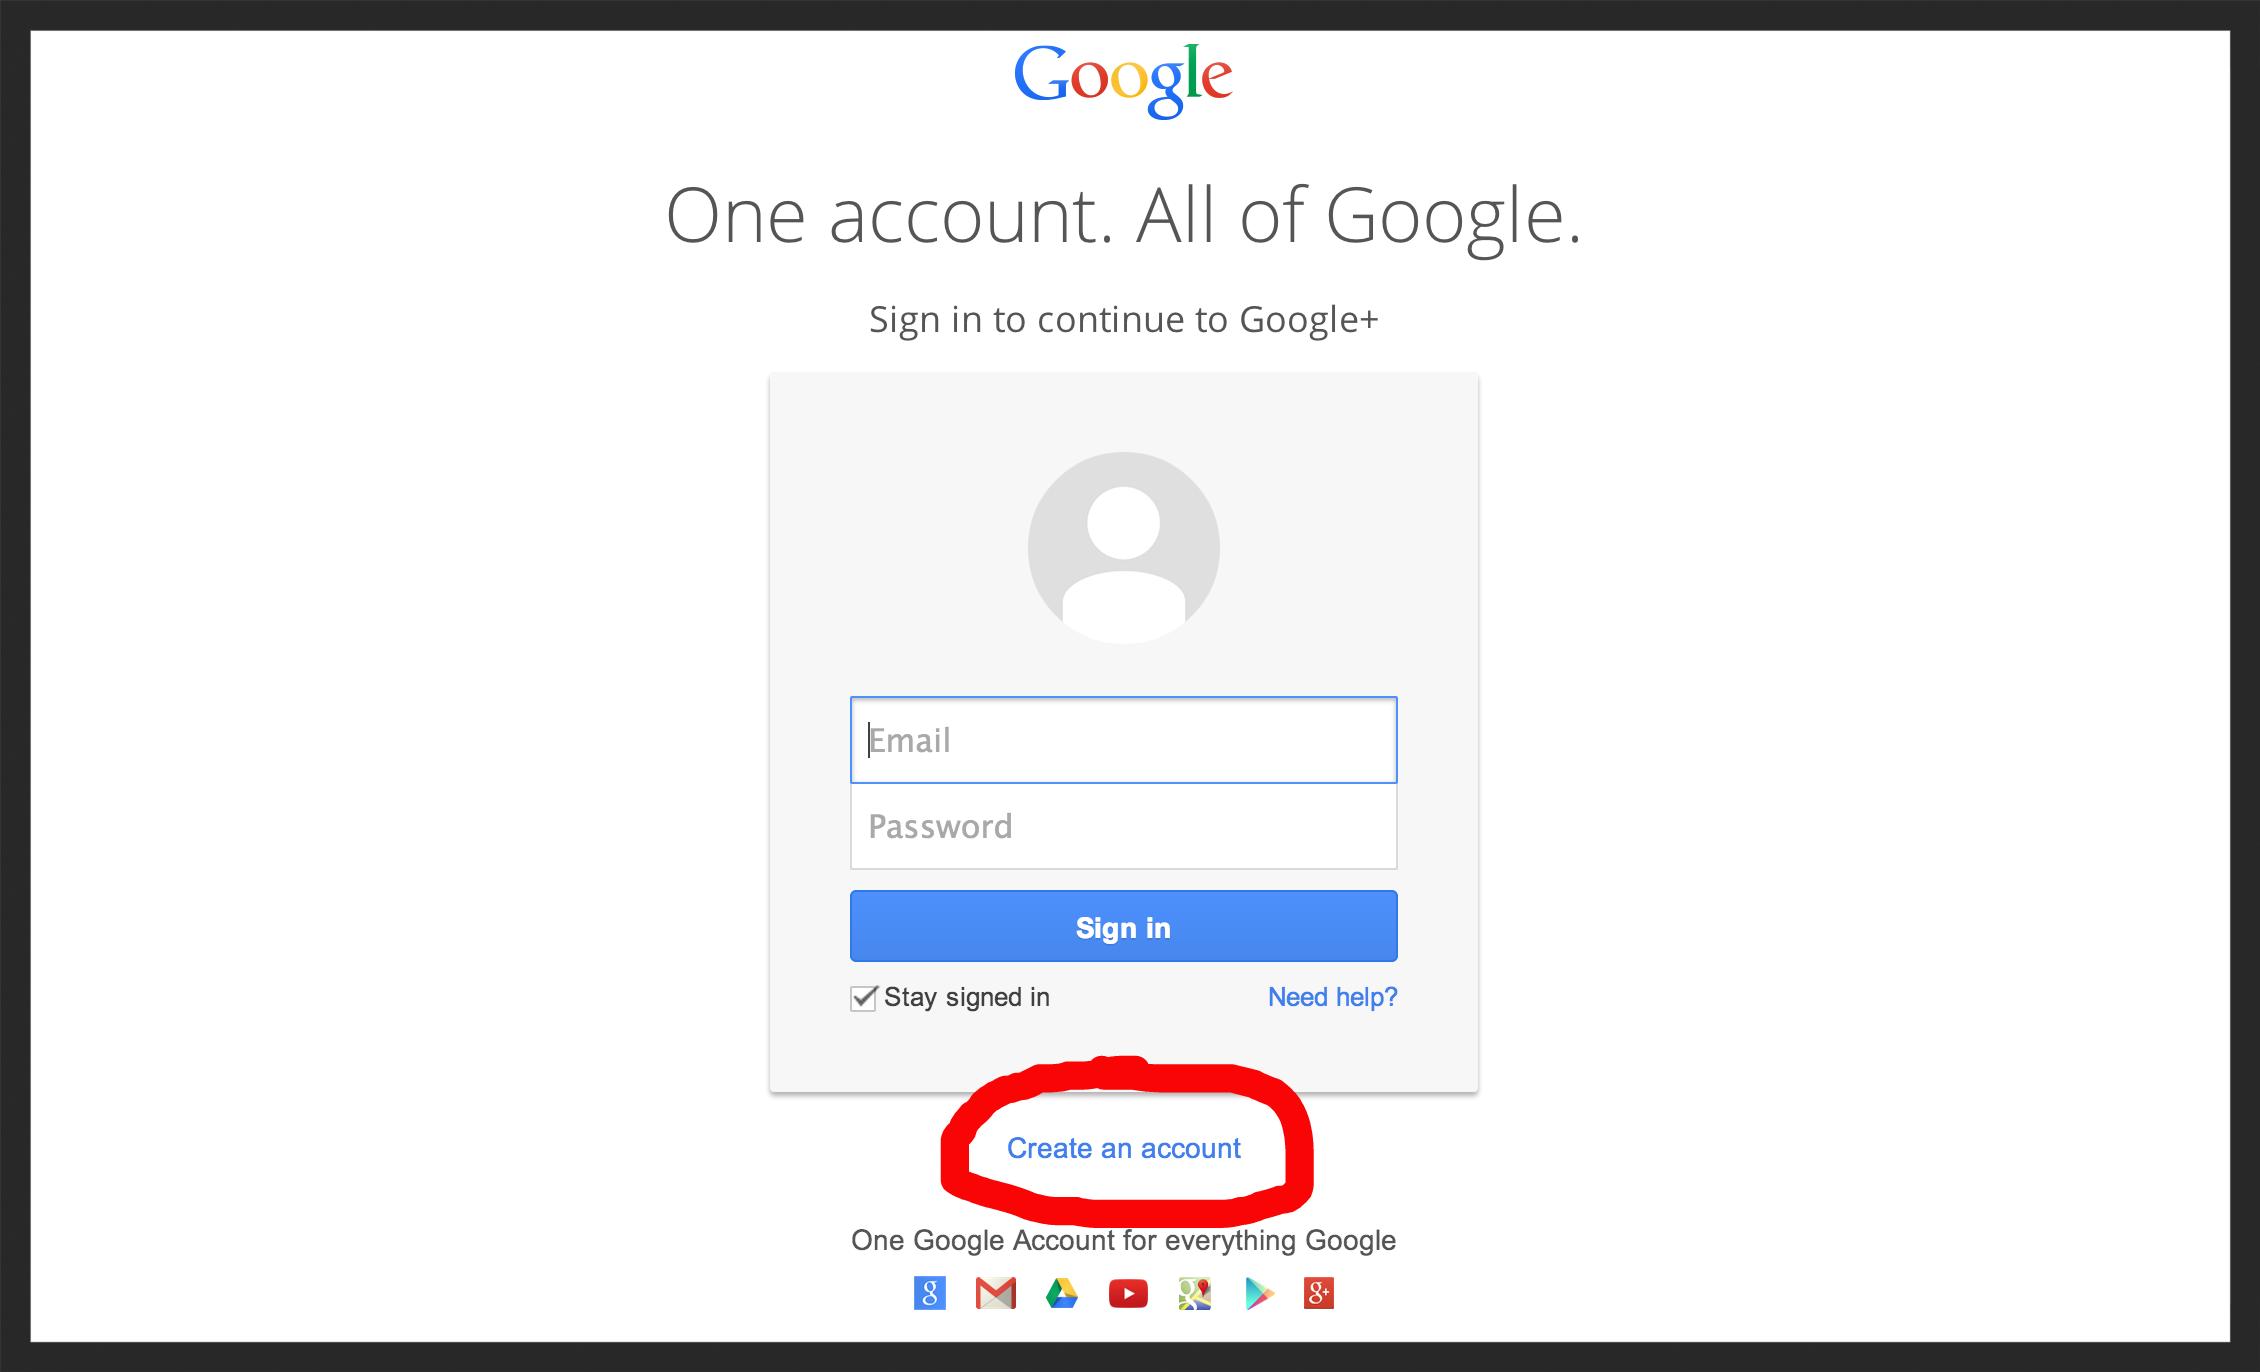 no account